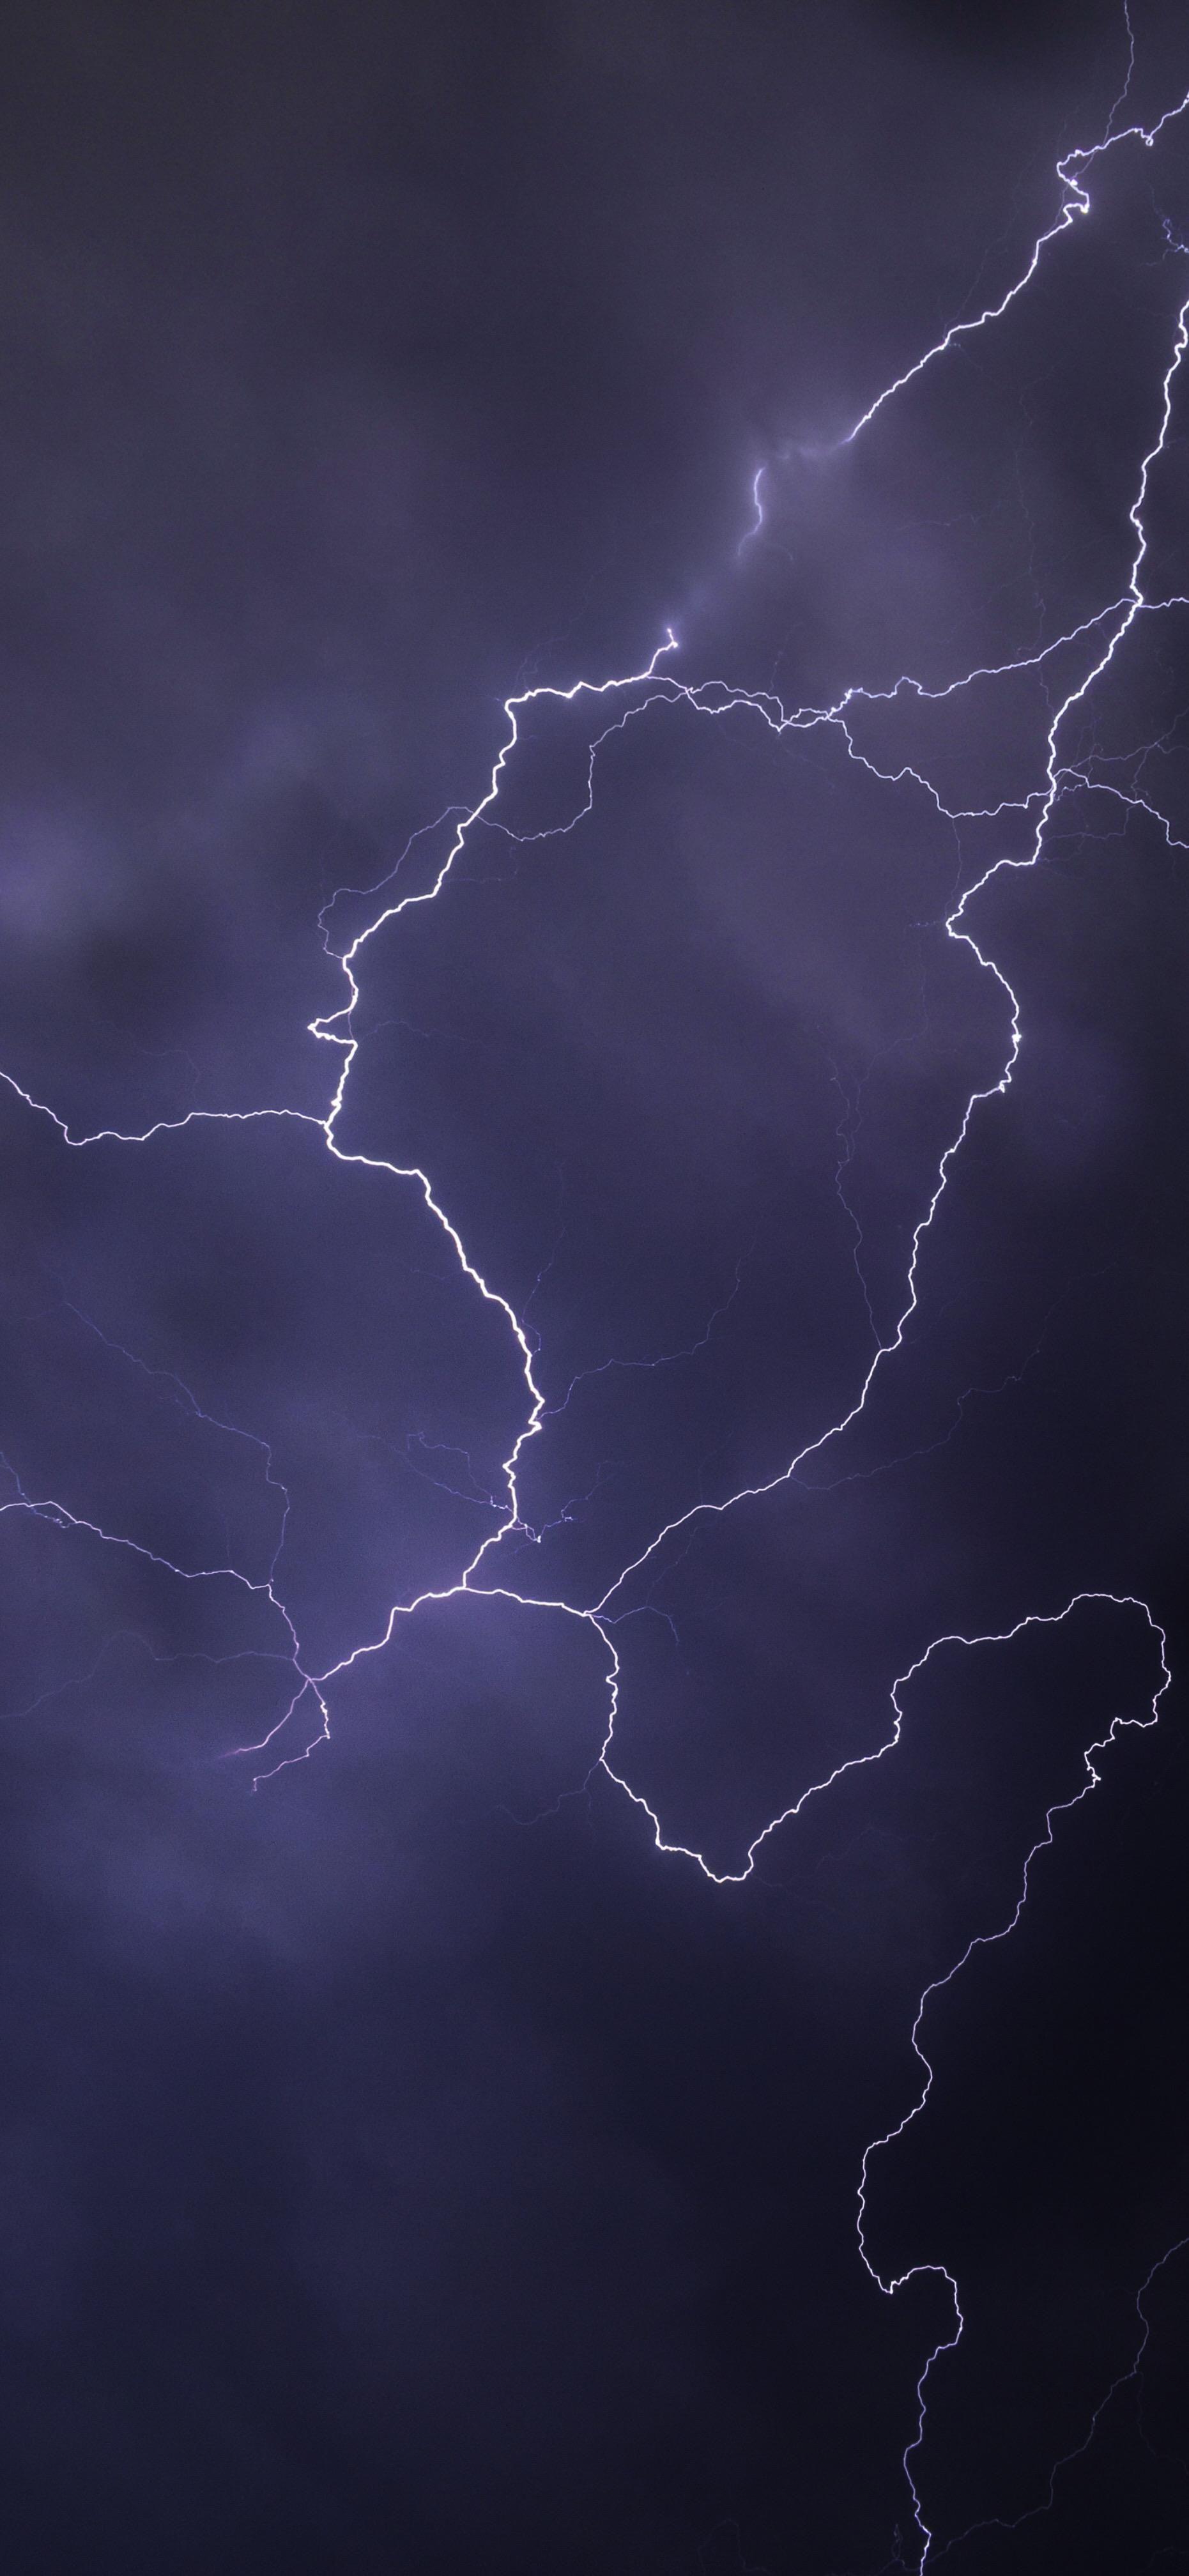 Lightning Strike Wallpaper For Iphone Oboi